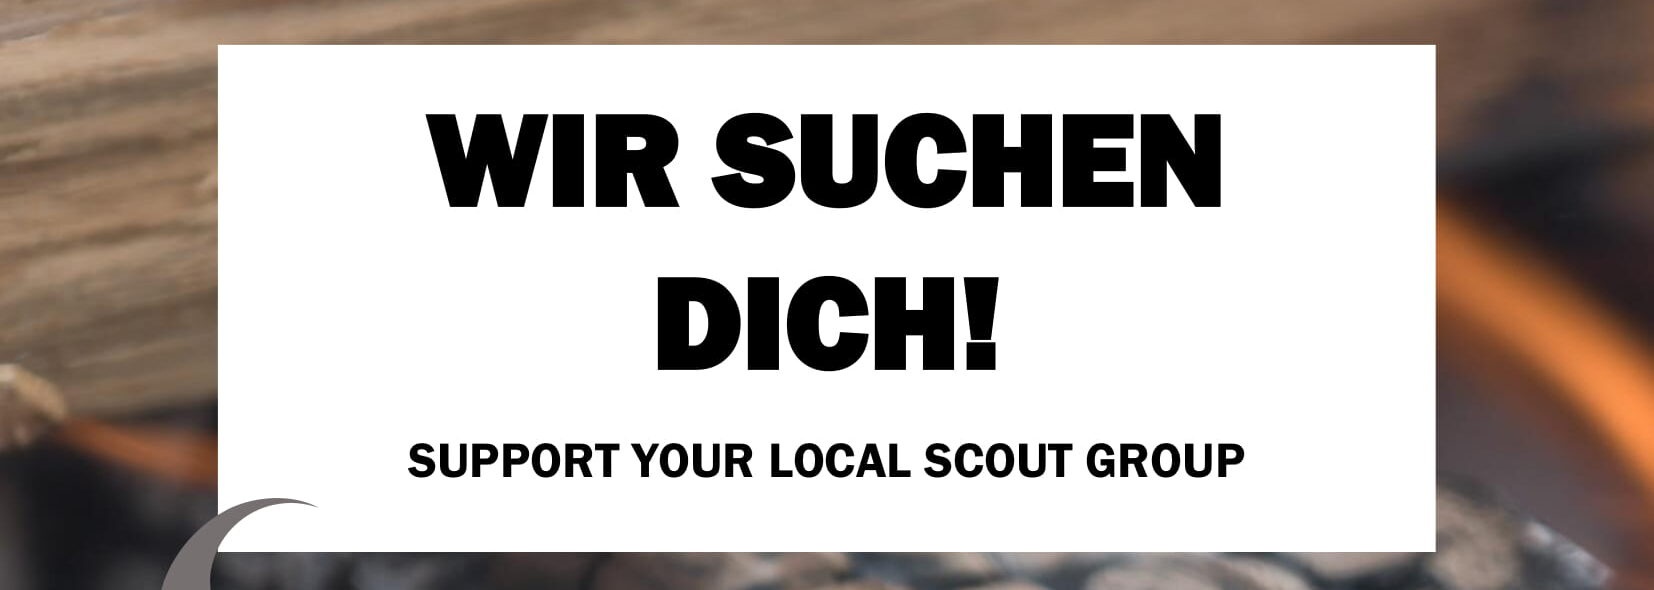 Wir suchen dich!